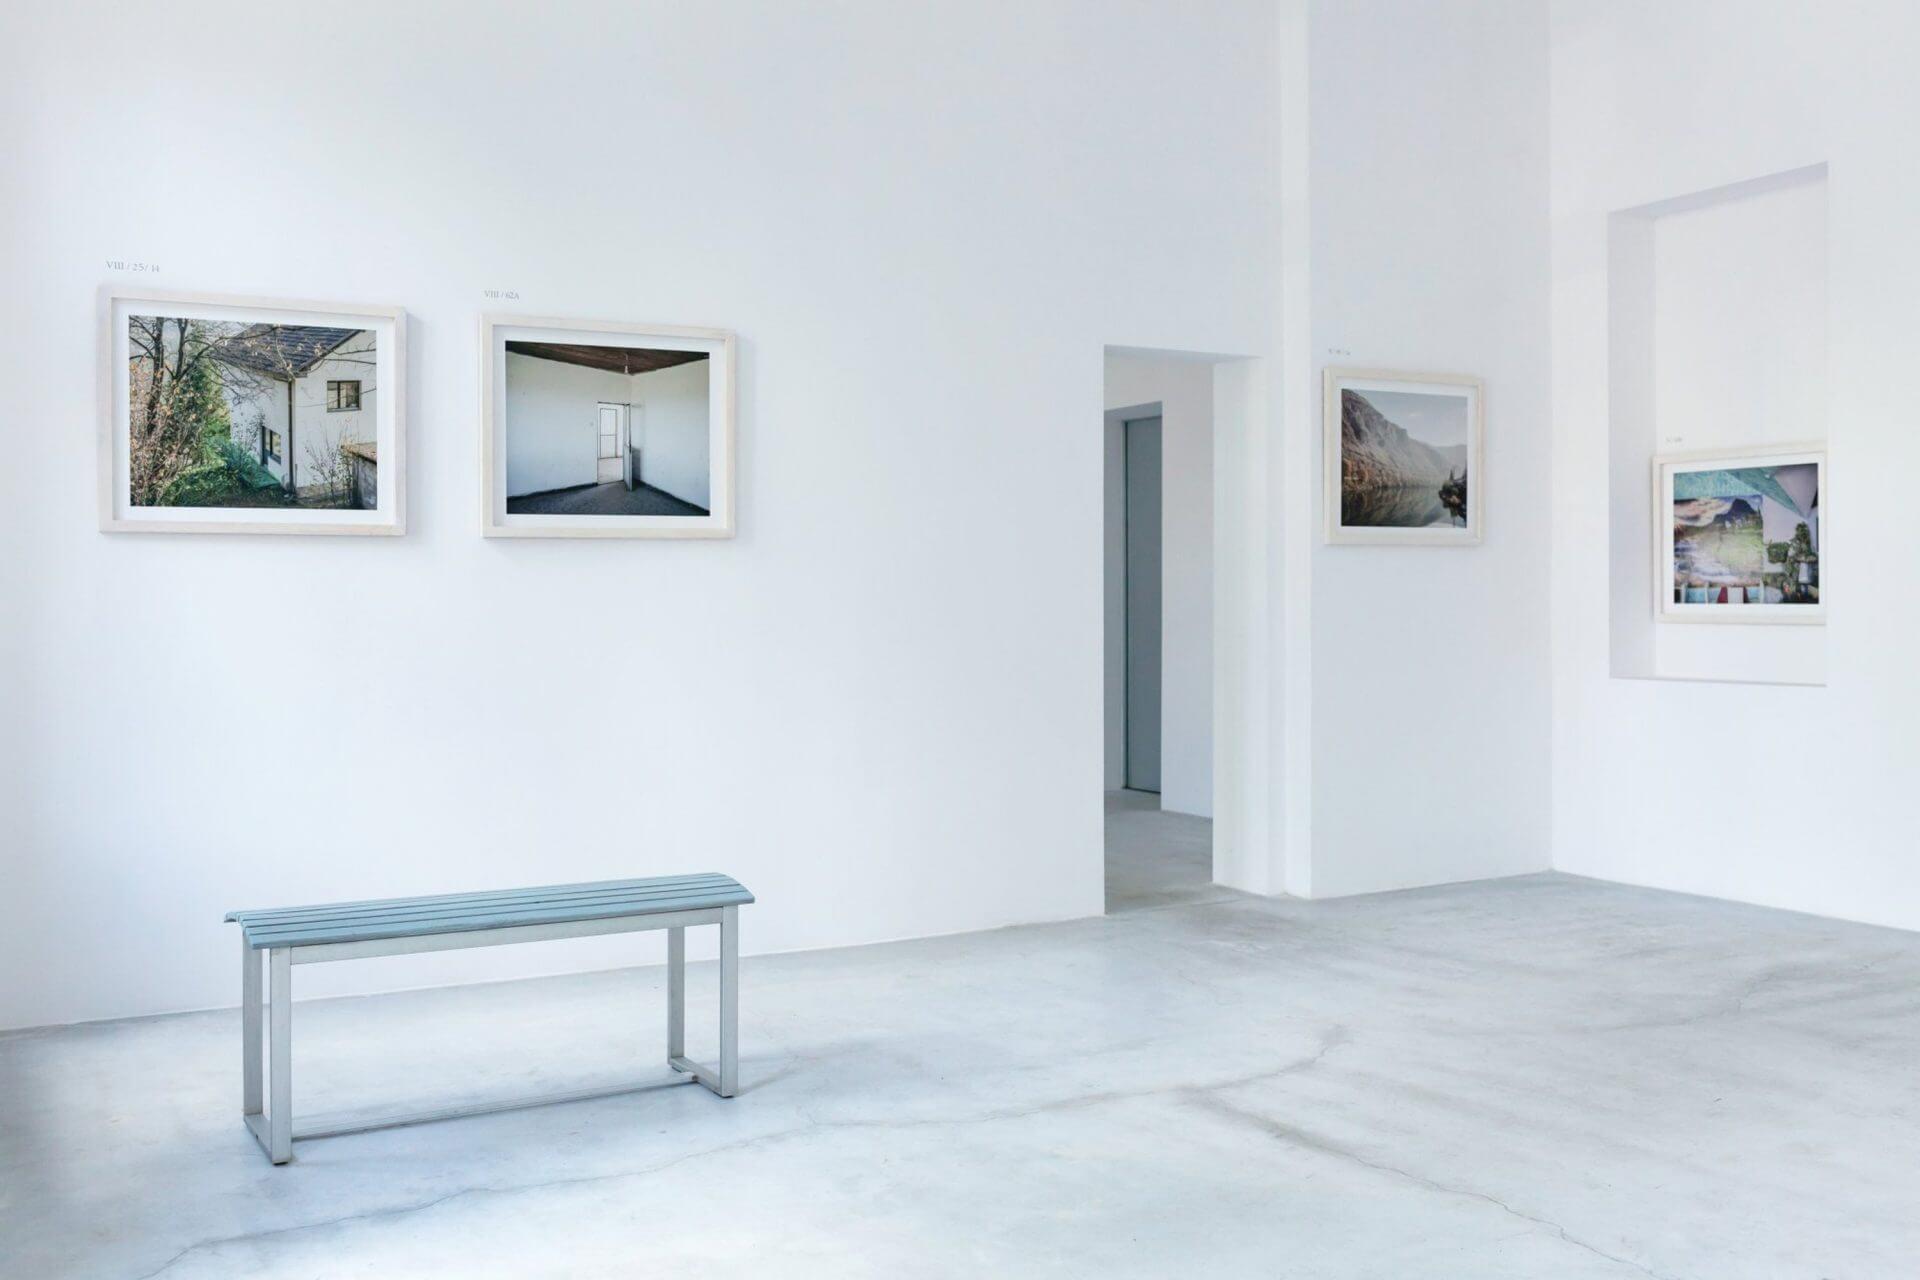 Miejsce przy Miejscu (MpM) - galeria